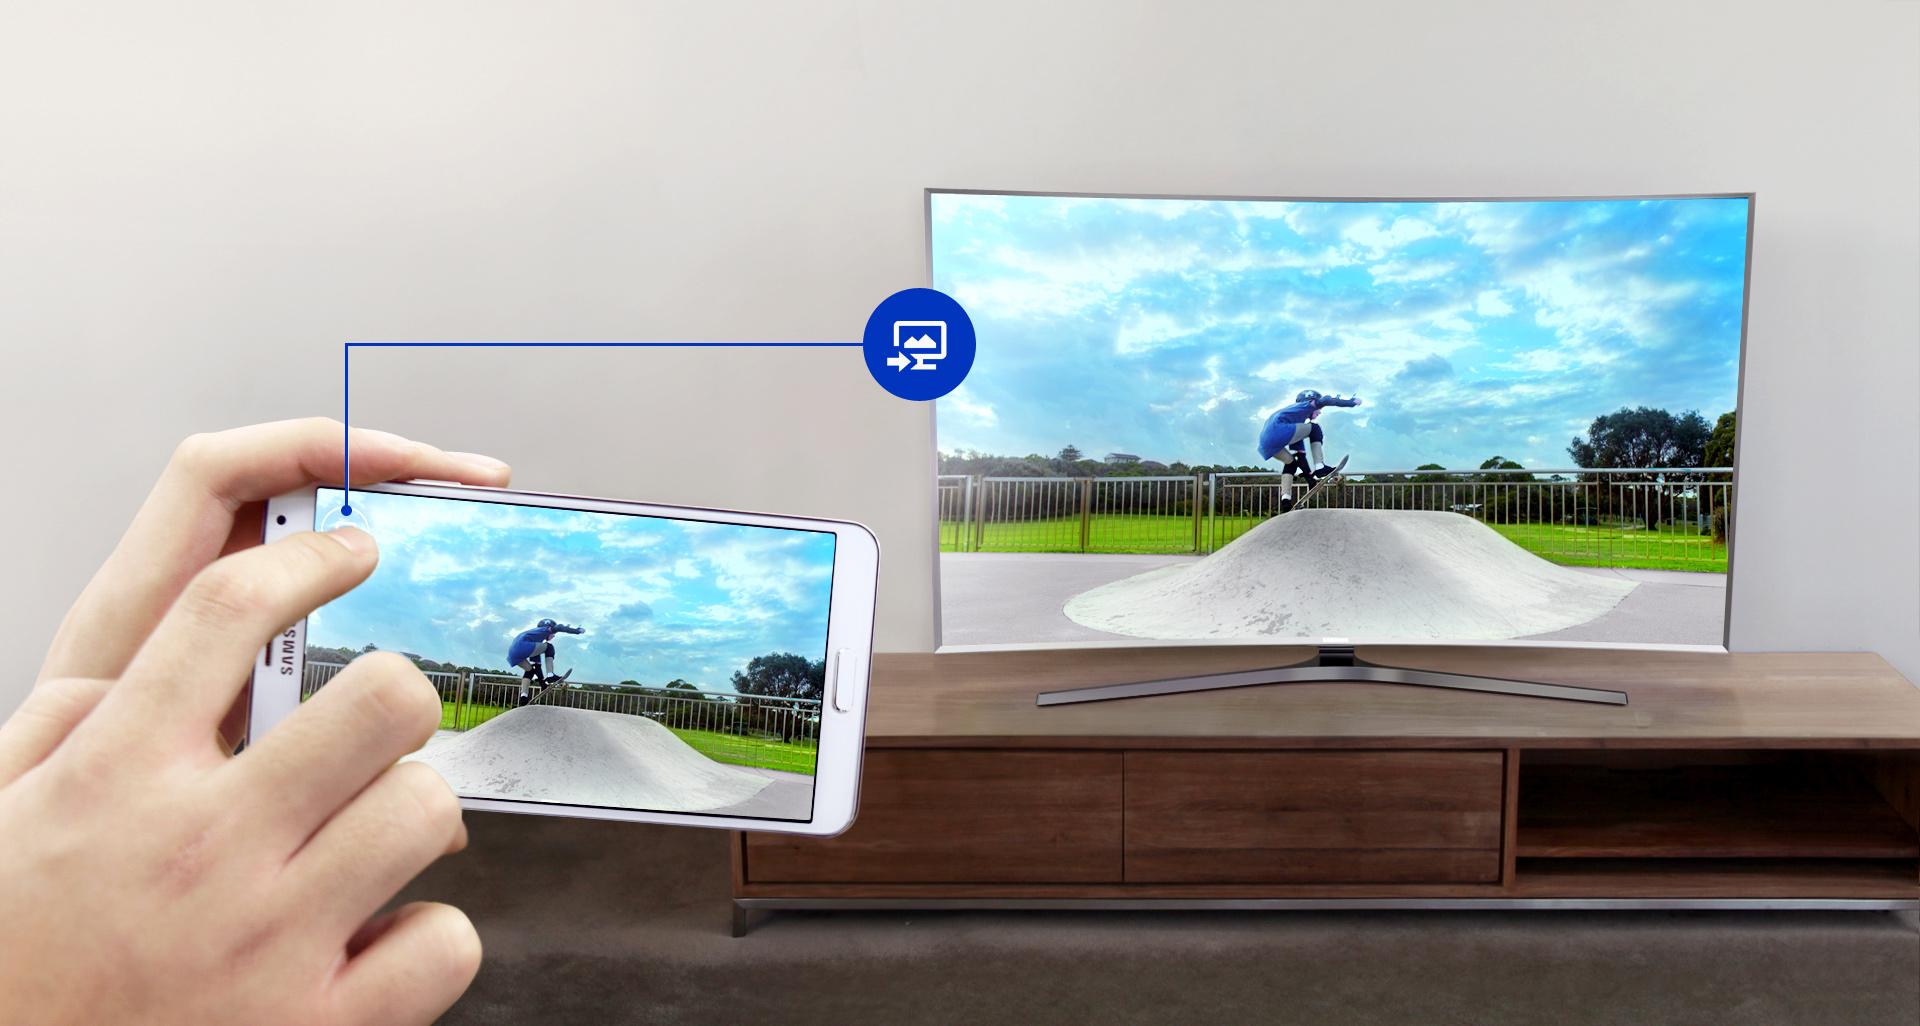 Как показывать фото на телевизоре через телефон